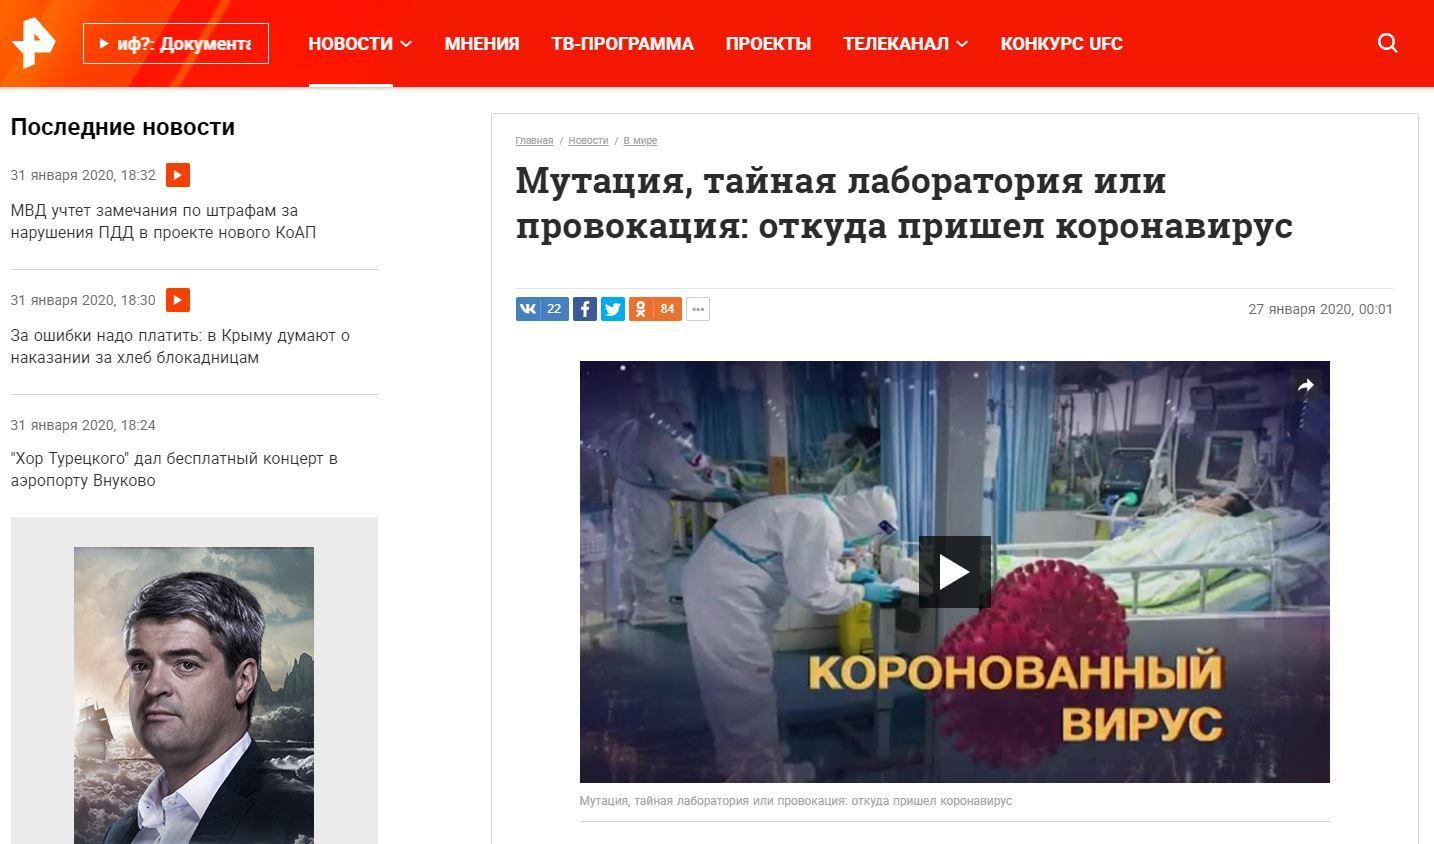 Artykuł opublikowany na stronie REN TV